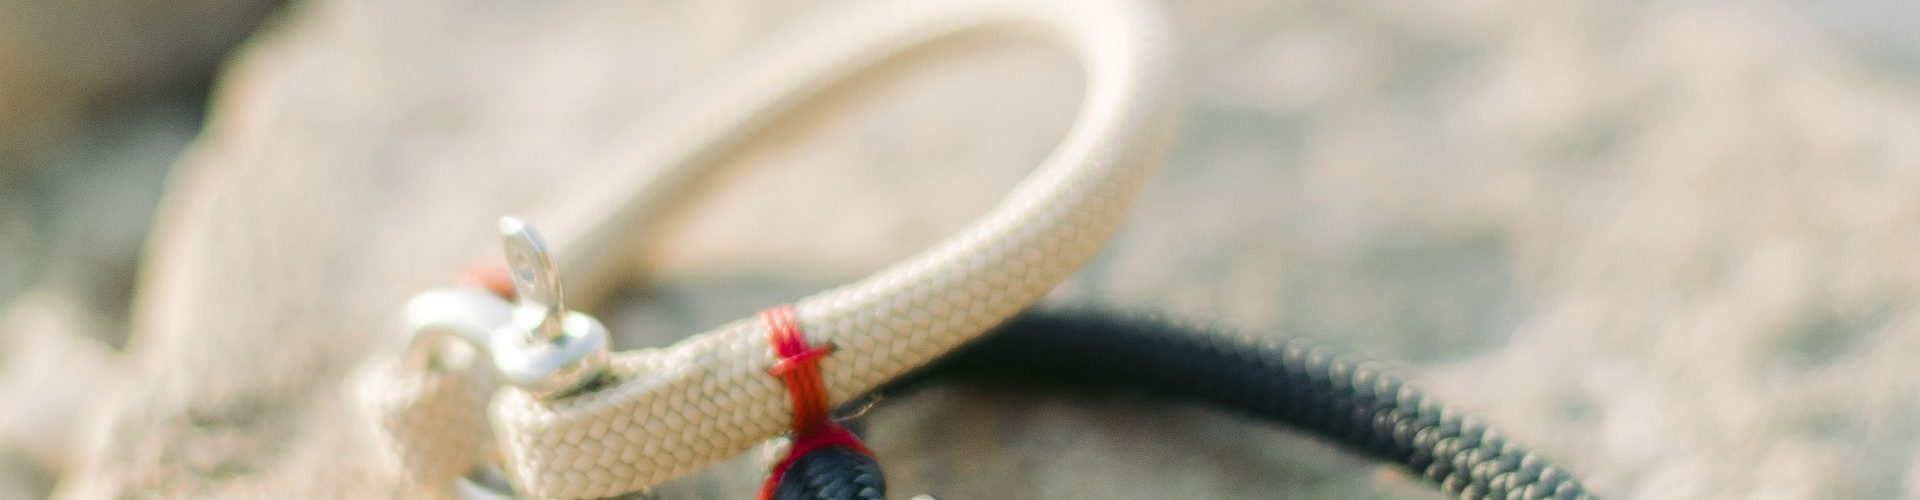 Quels sont les services offerts par une société productrice de bracelets nautiques ?